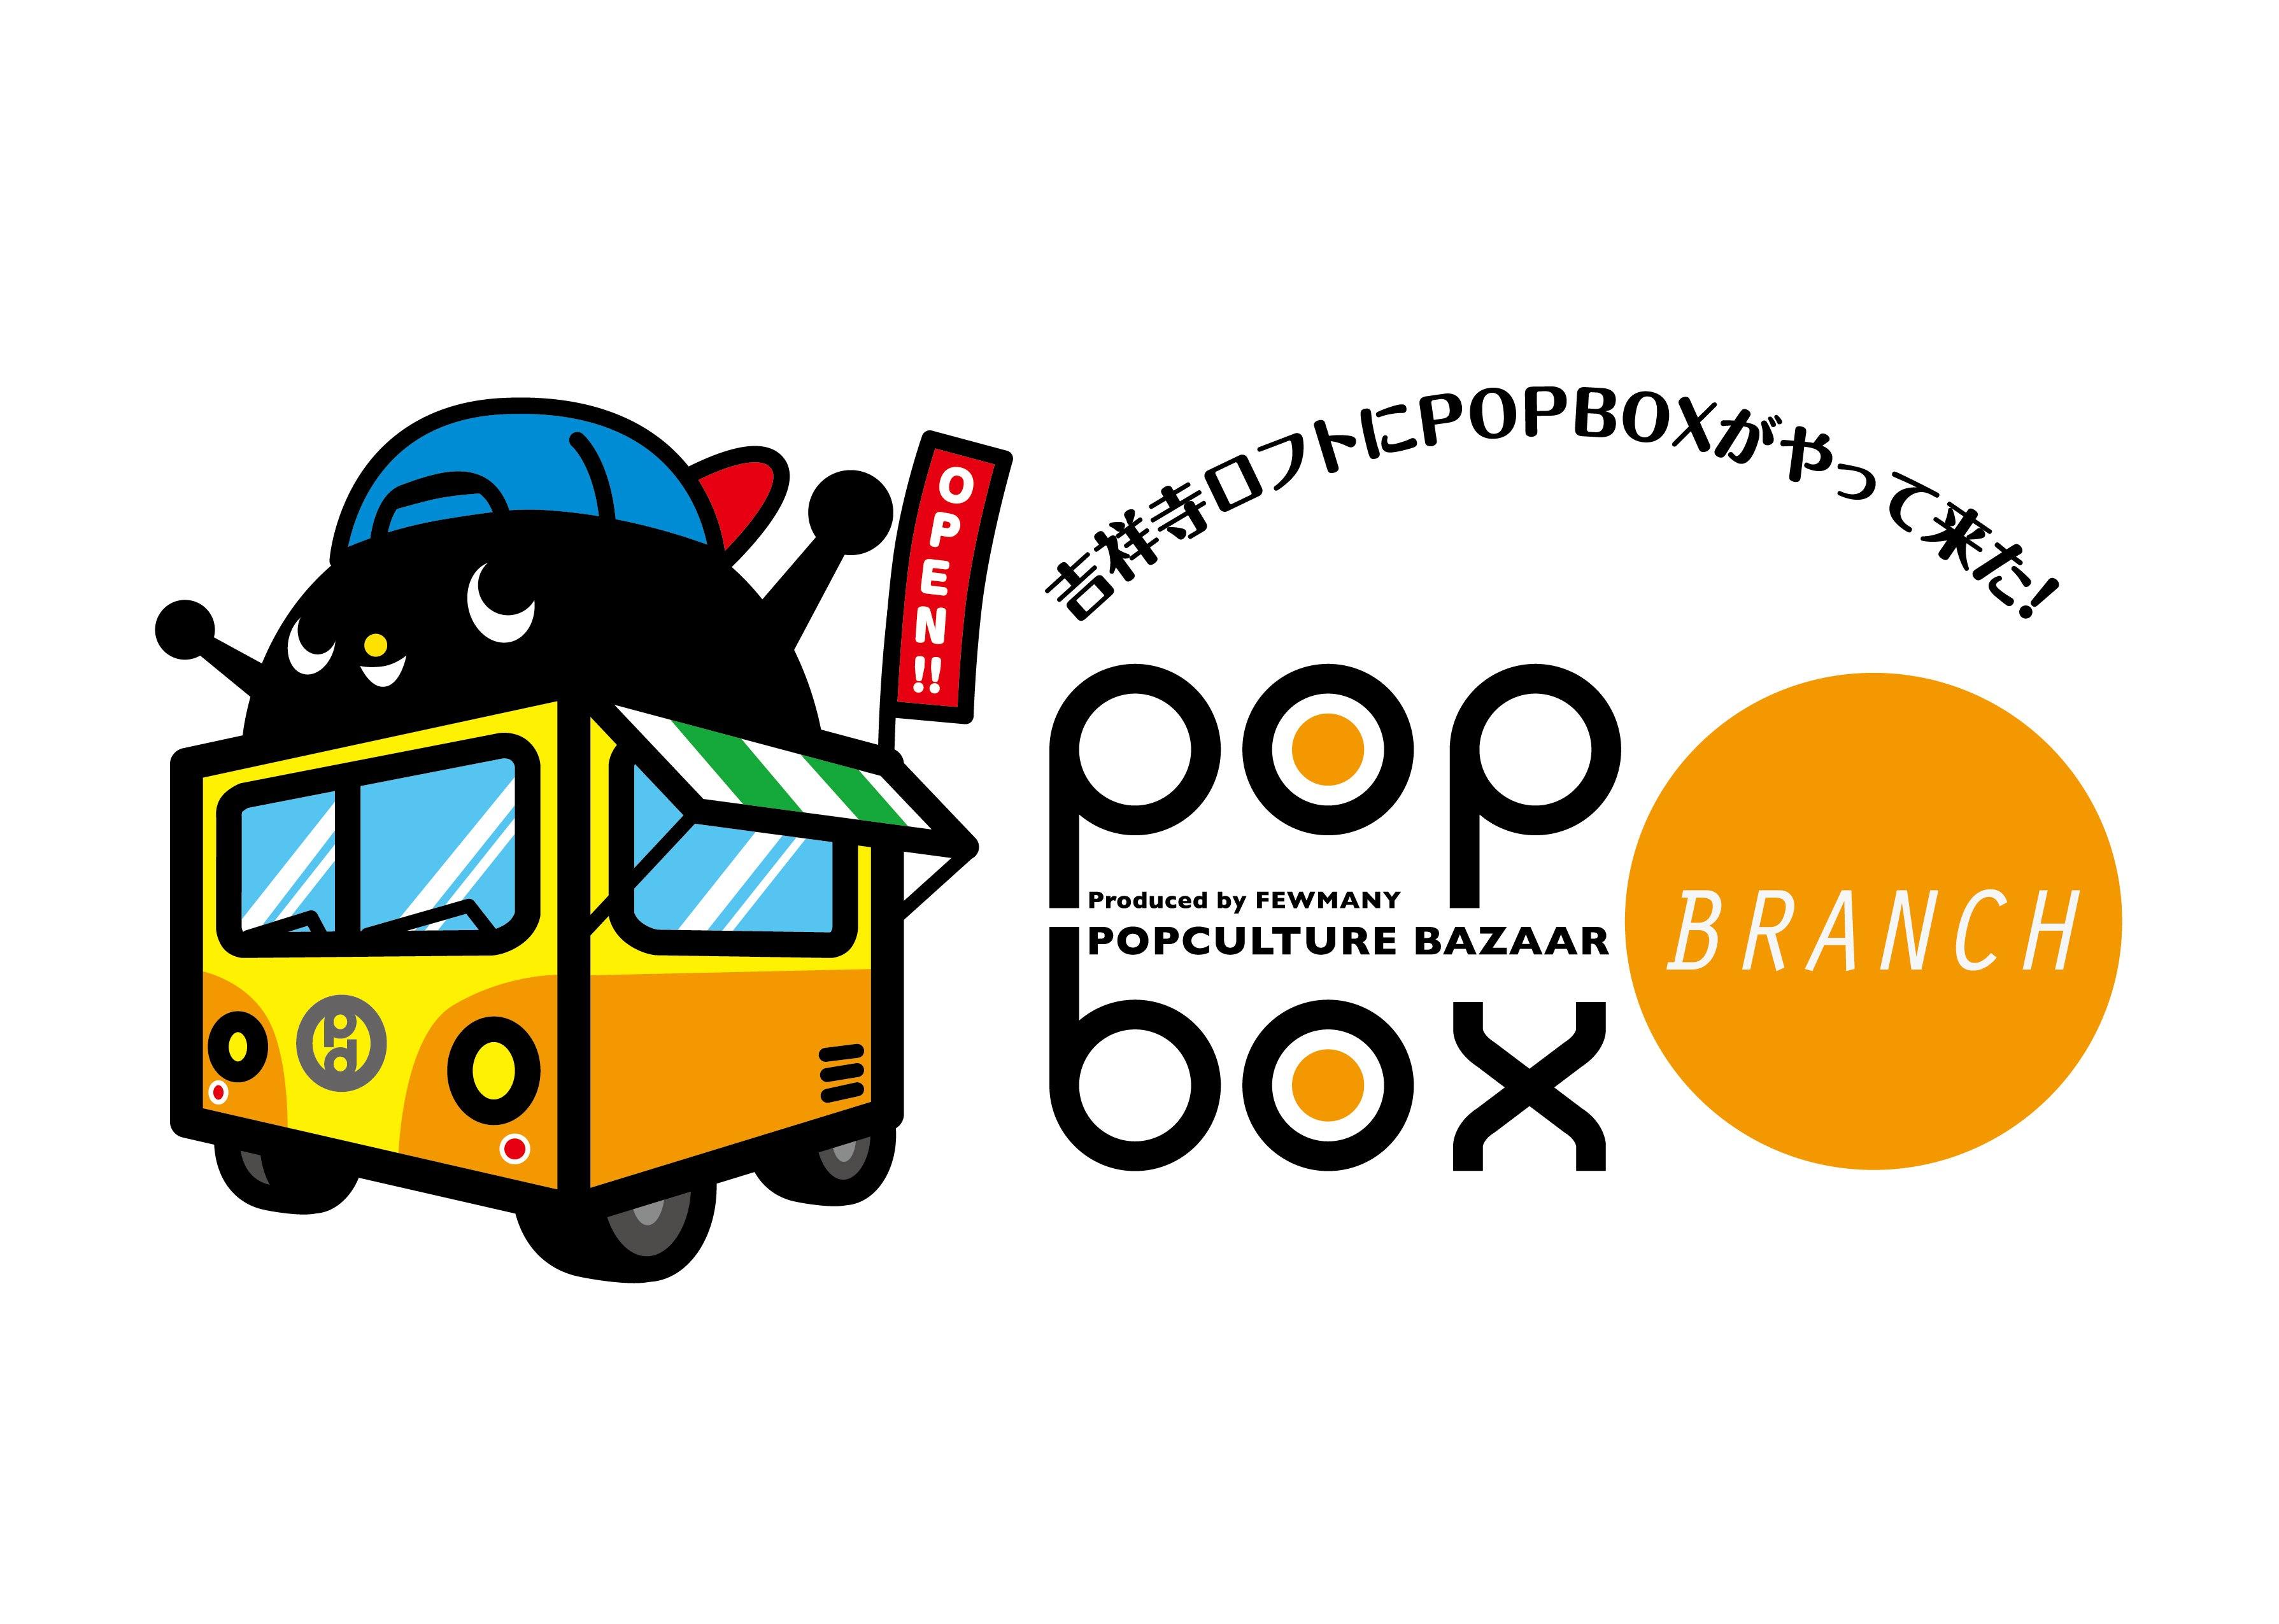 5/13~5/29 吉祥寺ロフトさん《POPBOX  BRANCH》開催のお知らせ_f0010033_1905211.jpg